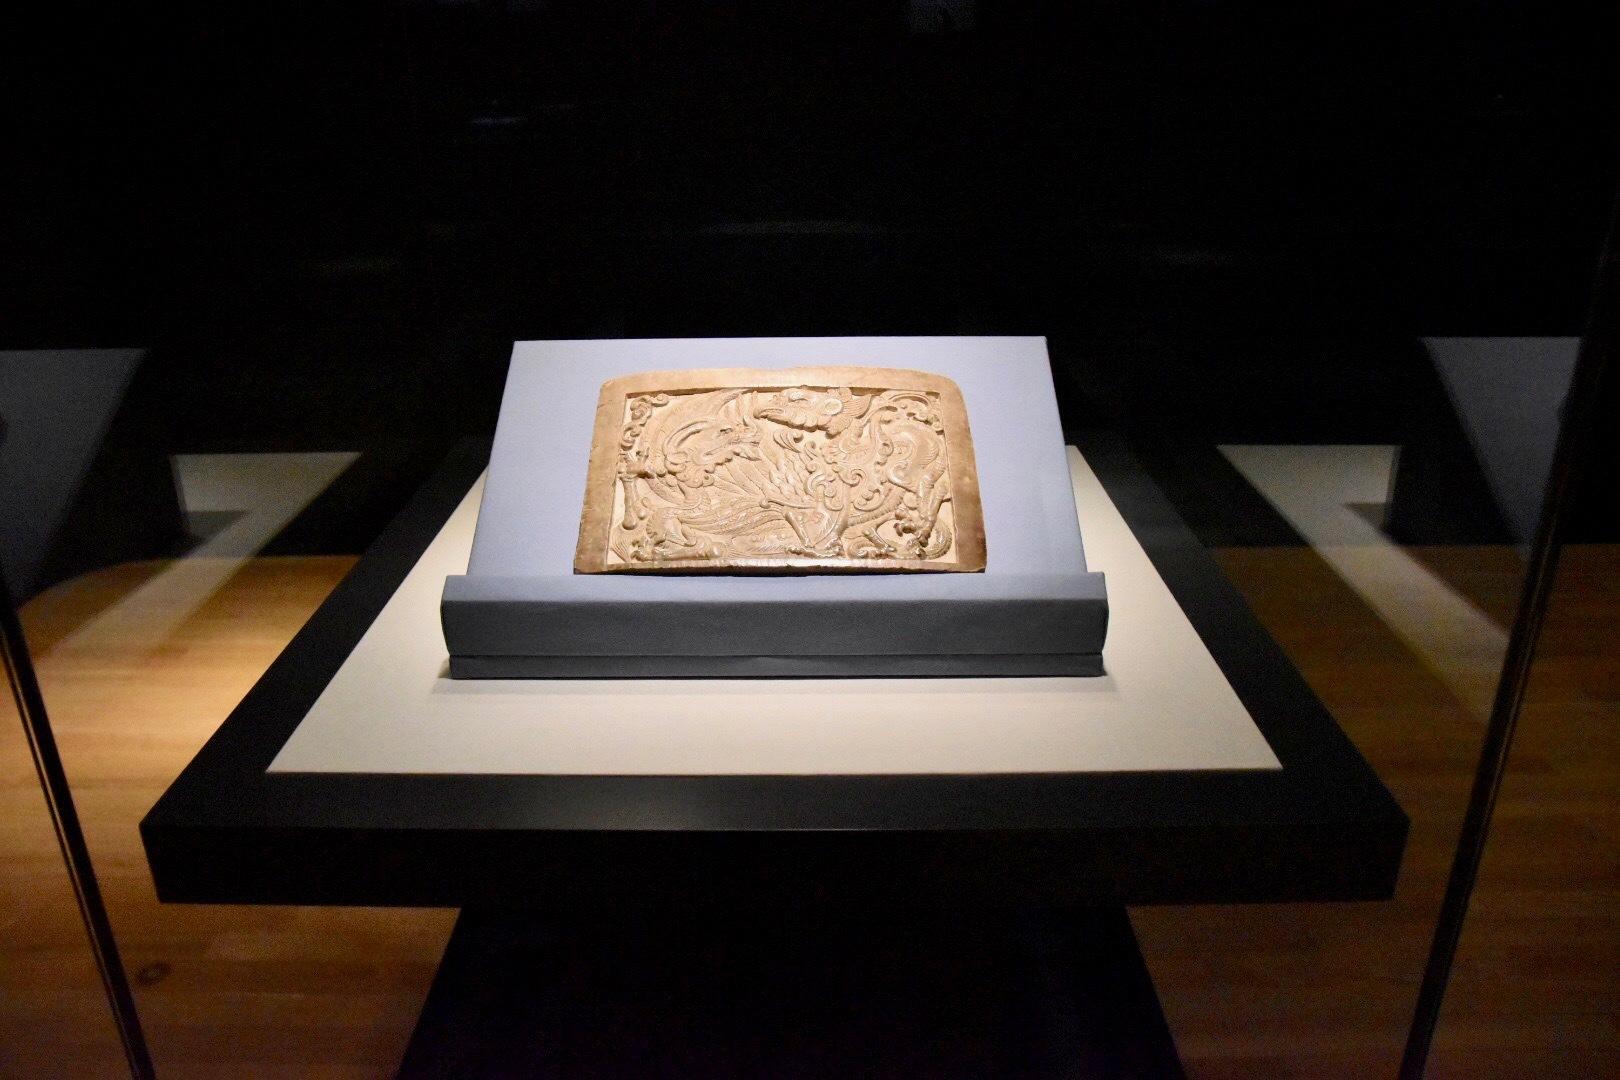 正倉院宝物《白石鎮子 青龍・朱雀》 中国・唐時代 8世紀 正倉院蔵 前期展示